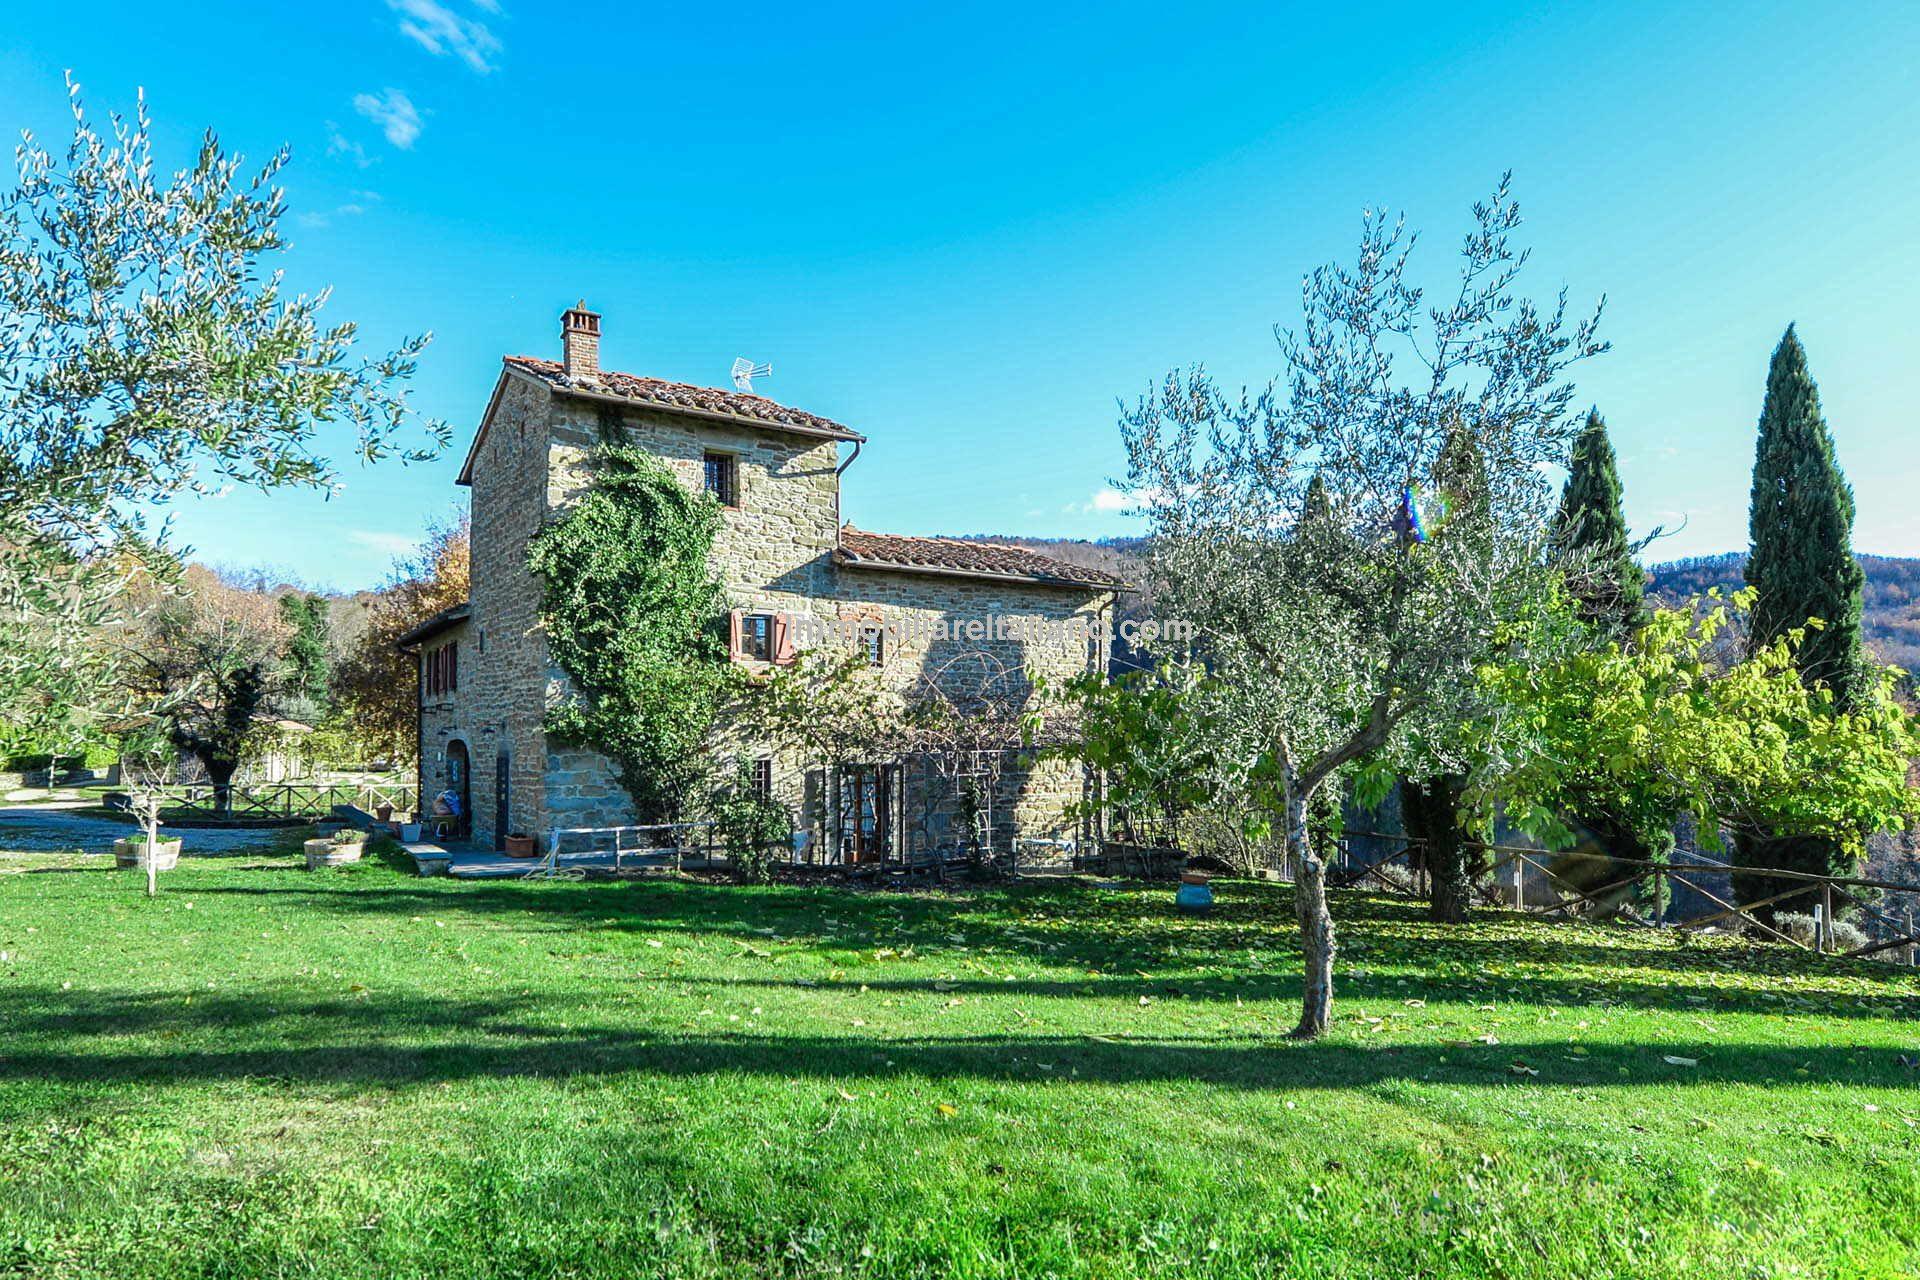 Tuscan organic farm